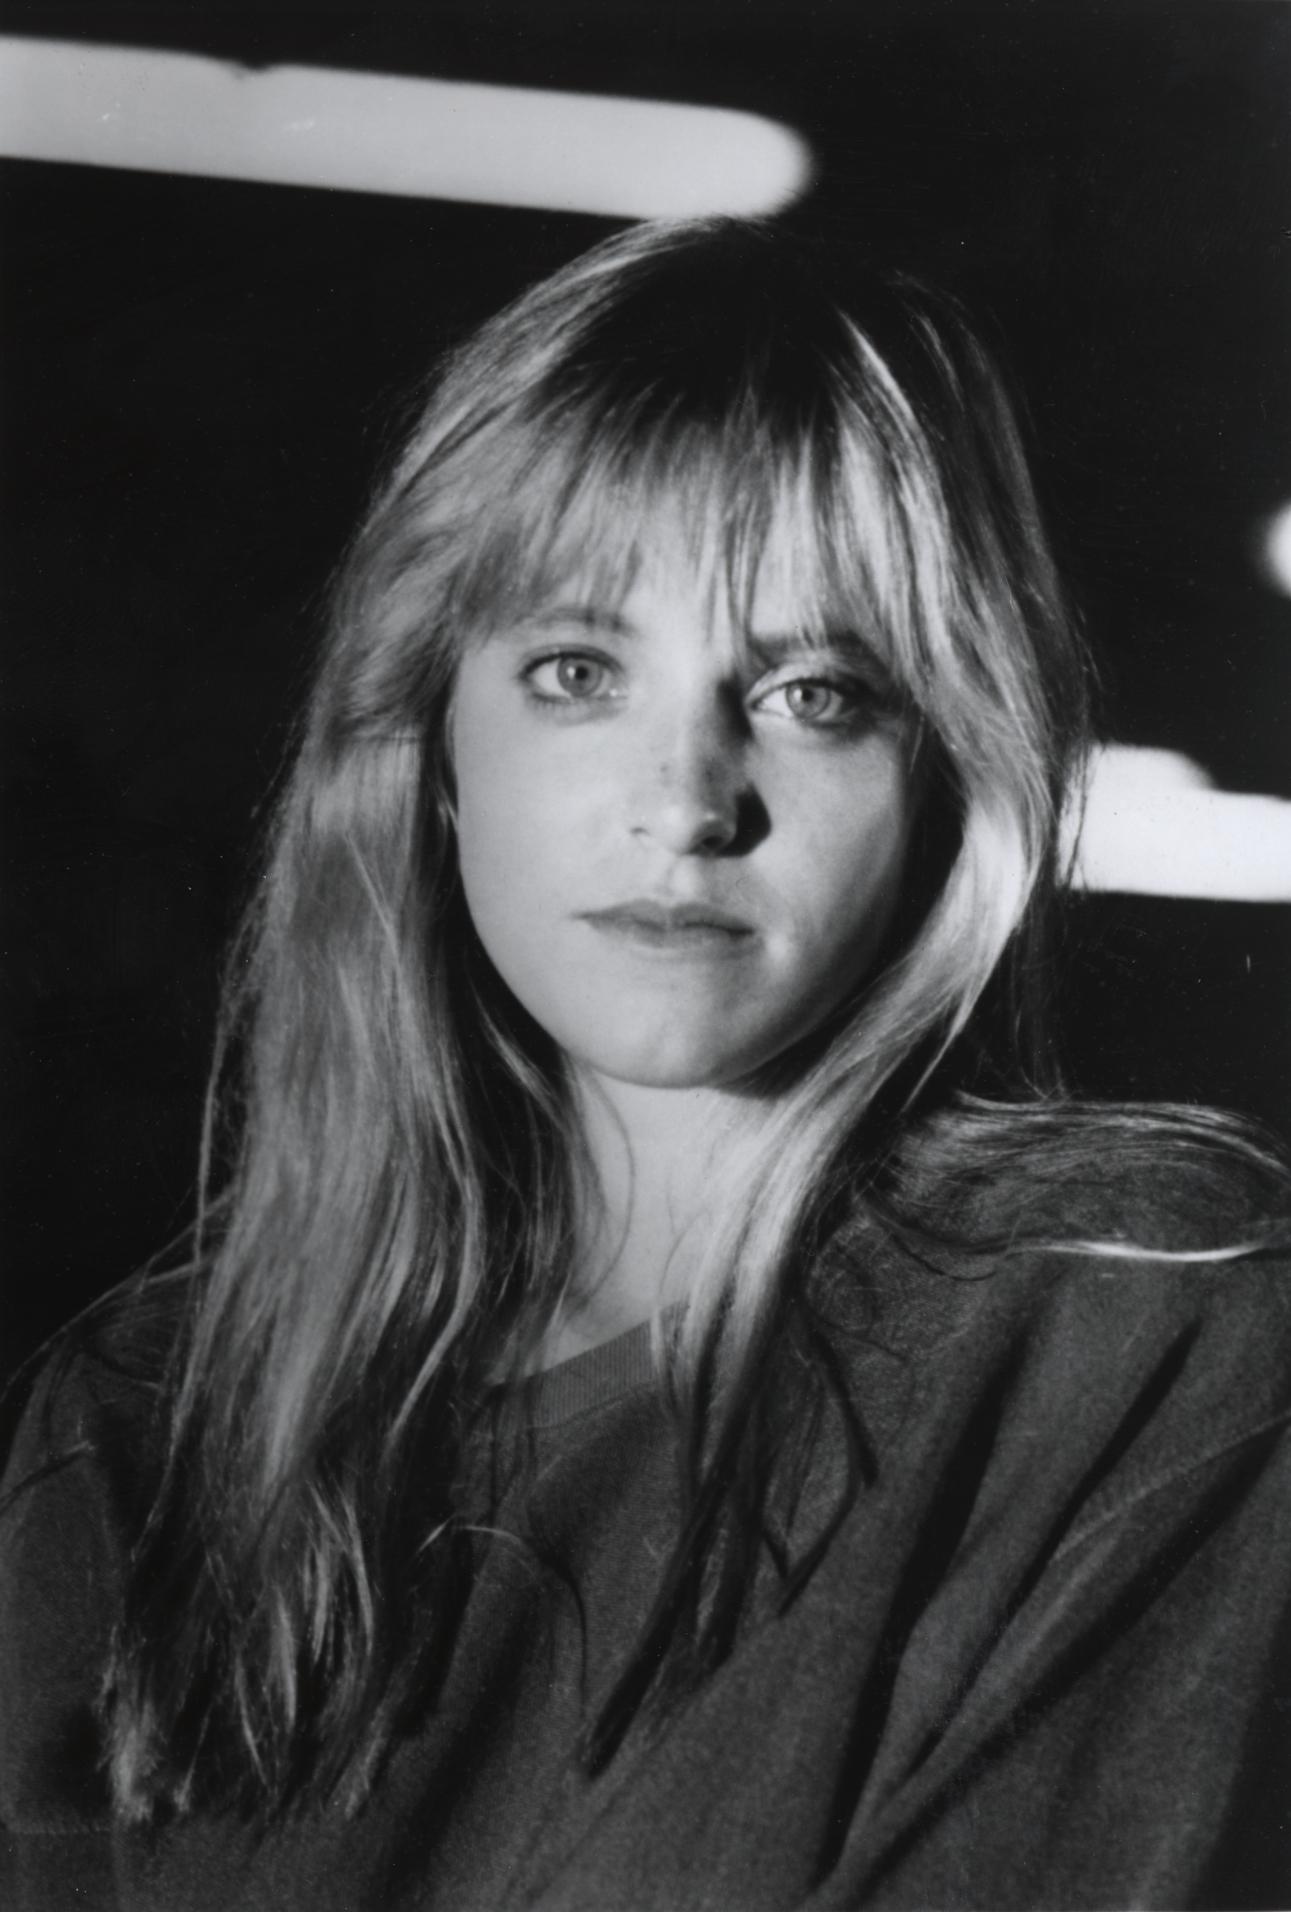 Danielle von Zerneck